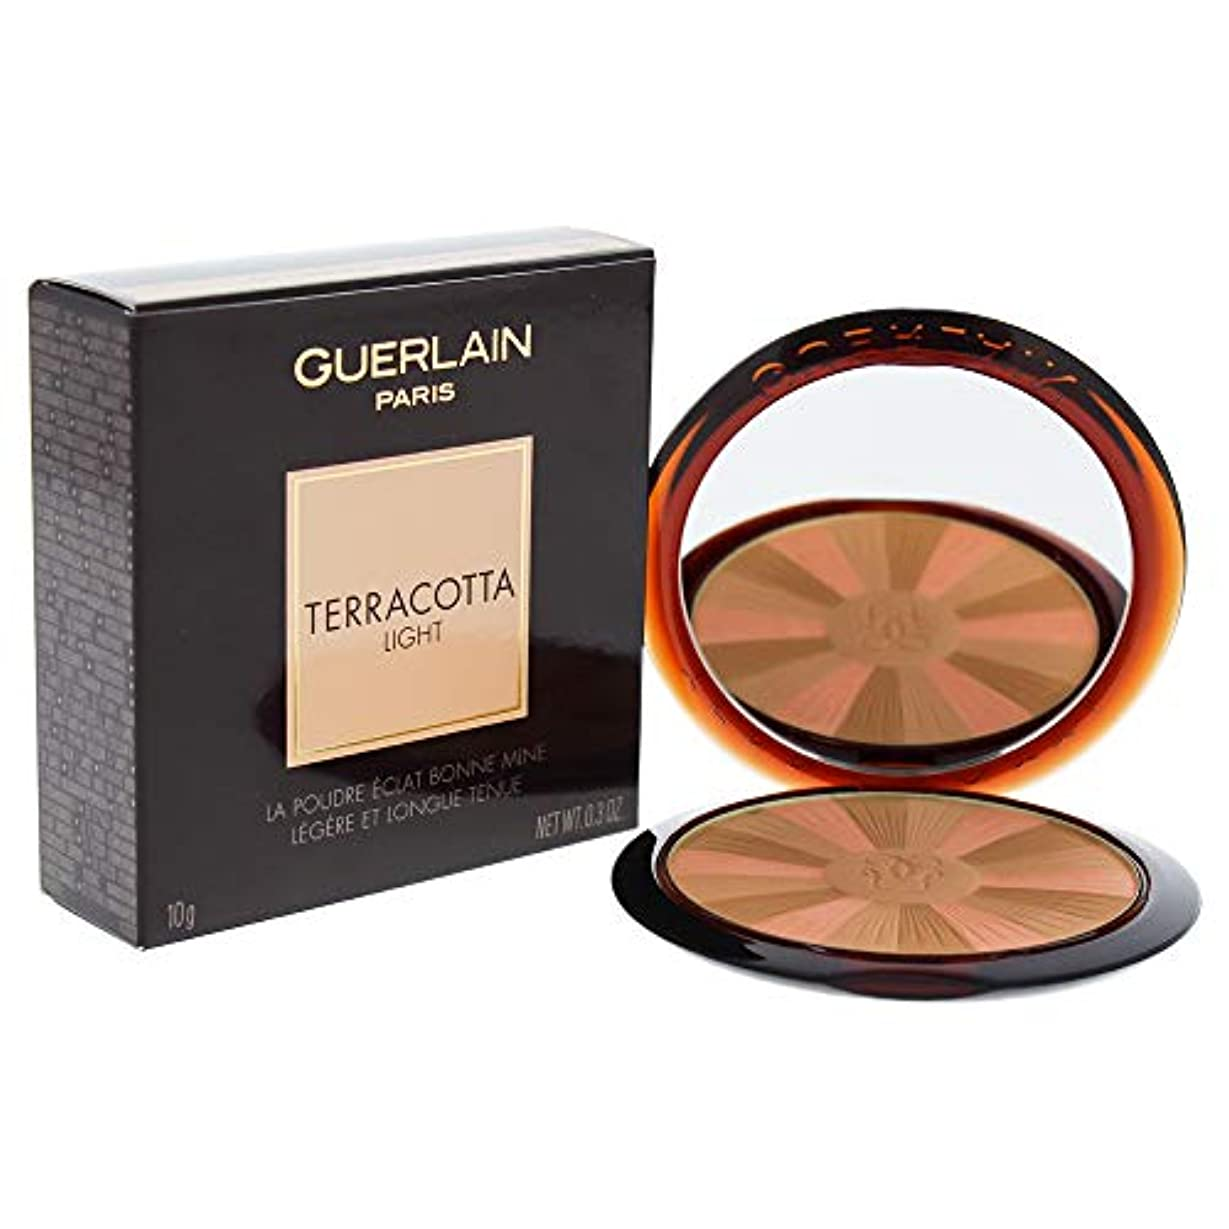 スチュワーデス簡略化する訴えるゲラン Terracotta Light The Sun Kissed Healthy Glow Powder - # 01 Light Warm 10g/0.3oz並行輸入品